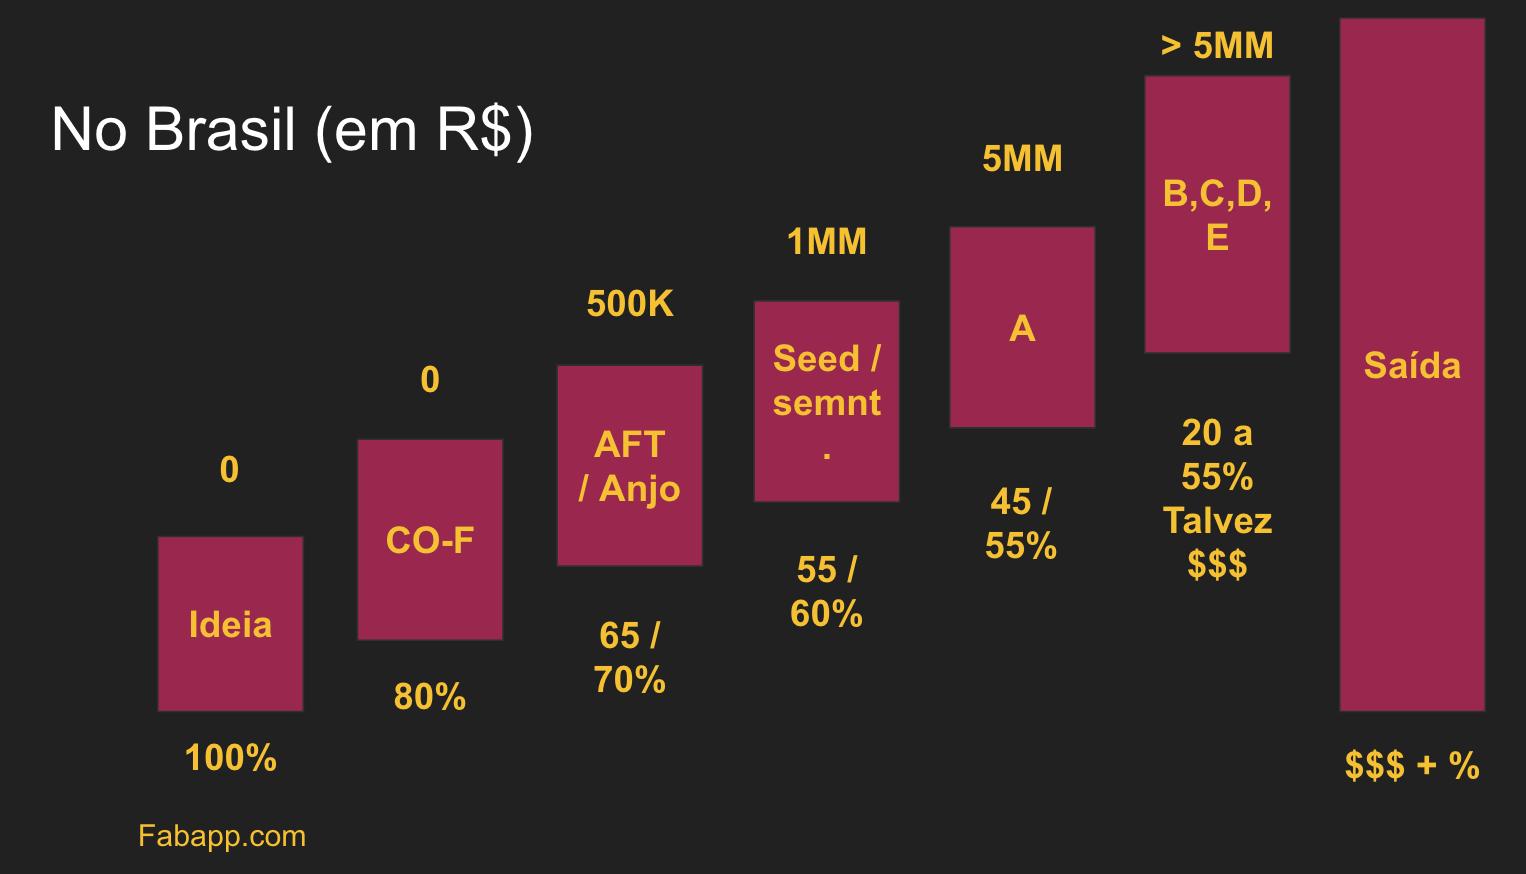 Startup, Investimento anjo investimento semente eGráfico de evolução de rodadas de investimento